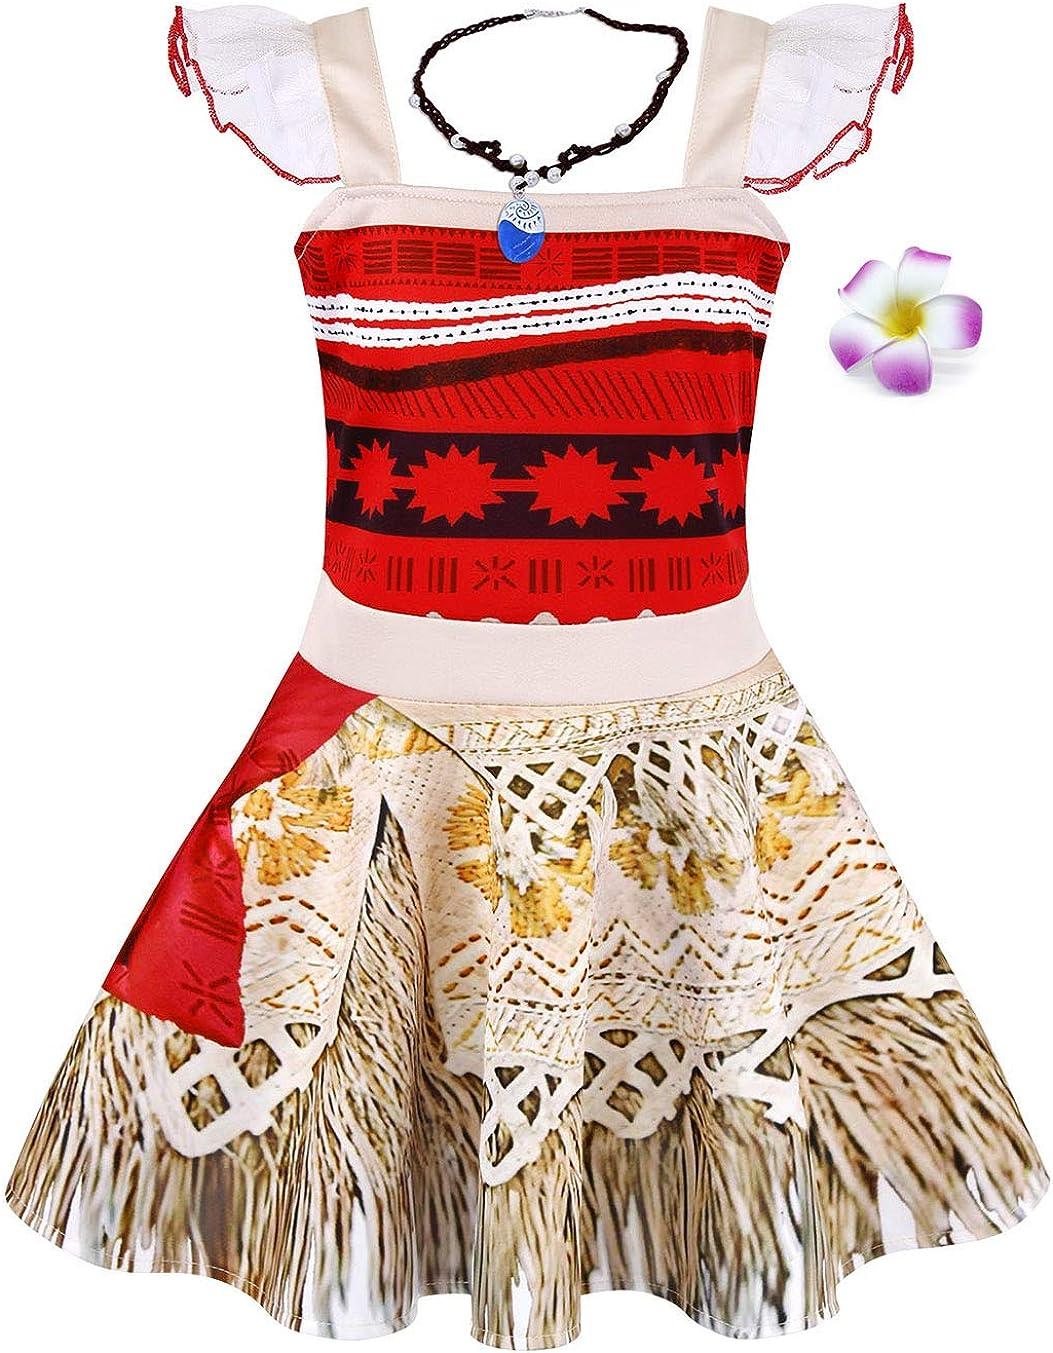 AmzBarley Moana Costume Vestito Bambina Ragazza Carnevale Cosplay Abito Festa di Fantasia Compleanno Partito Halloween Cerimonia Abiti Vestire